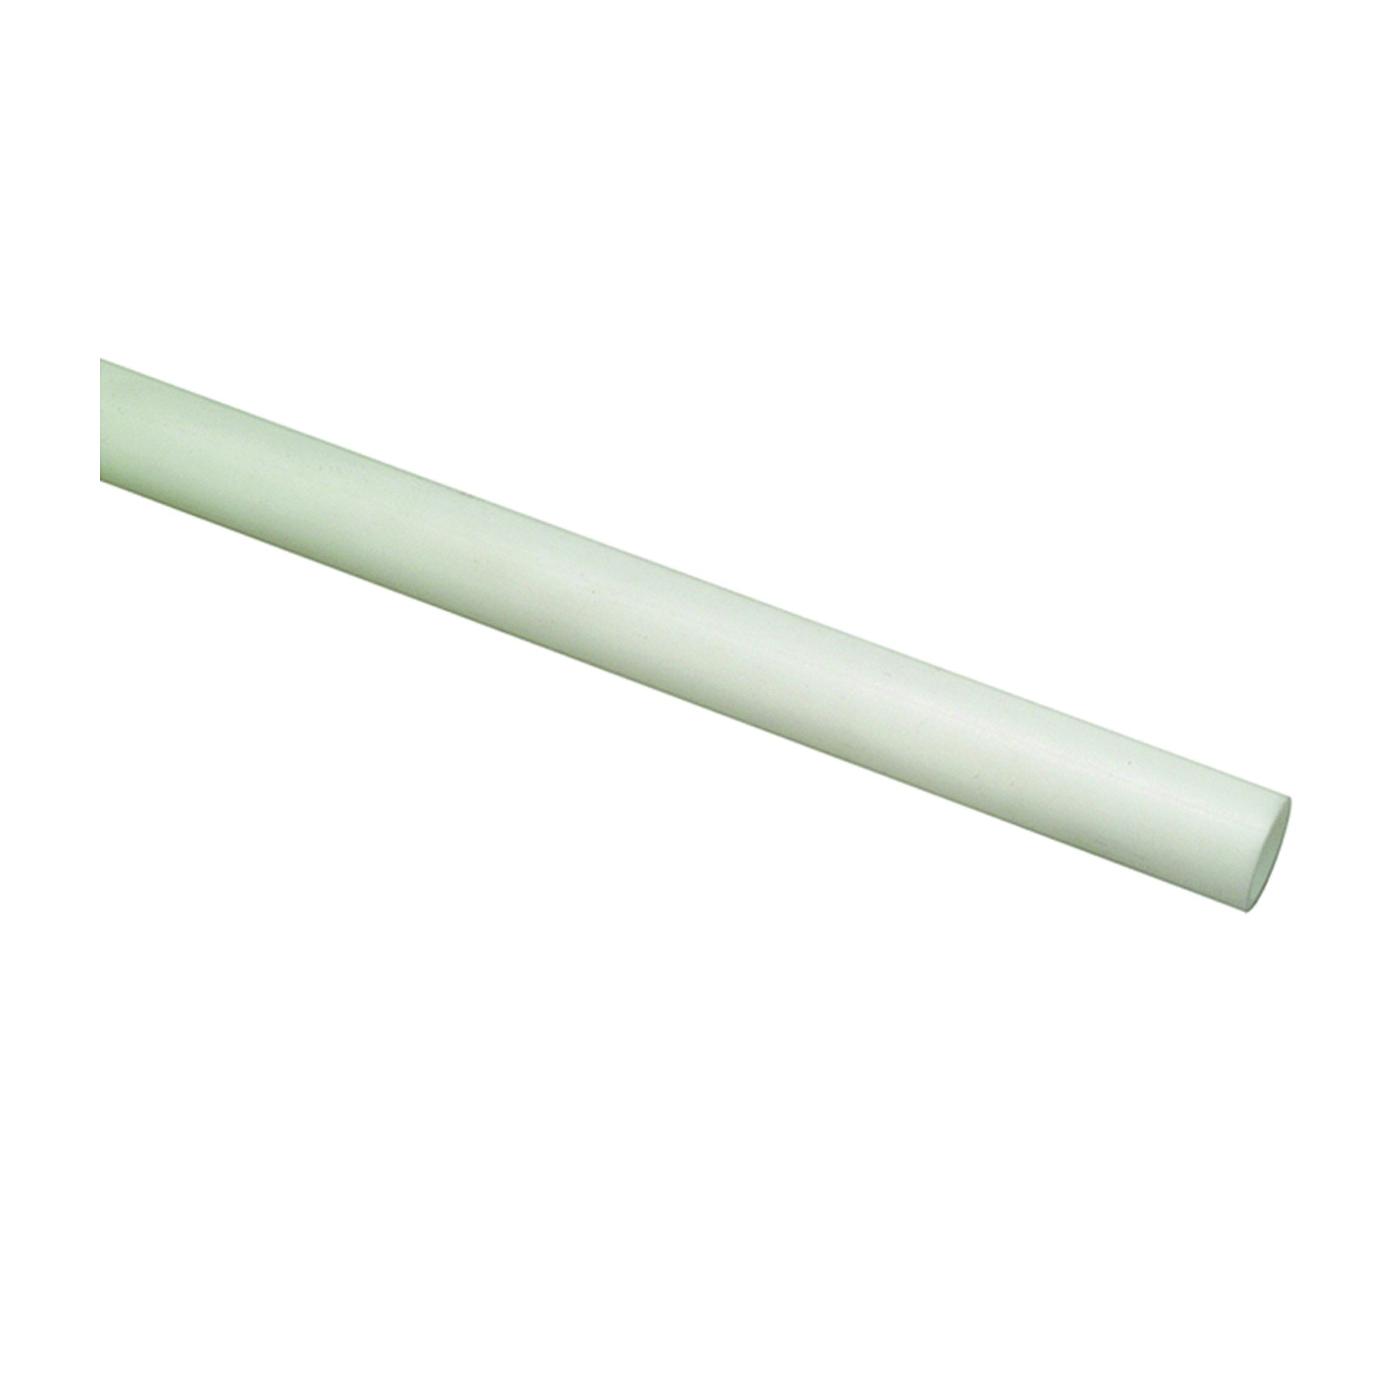 Picture of Apollo APPW512 PEX-B Pipe, 1/2 in, White, 5 ft L